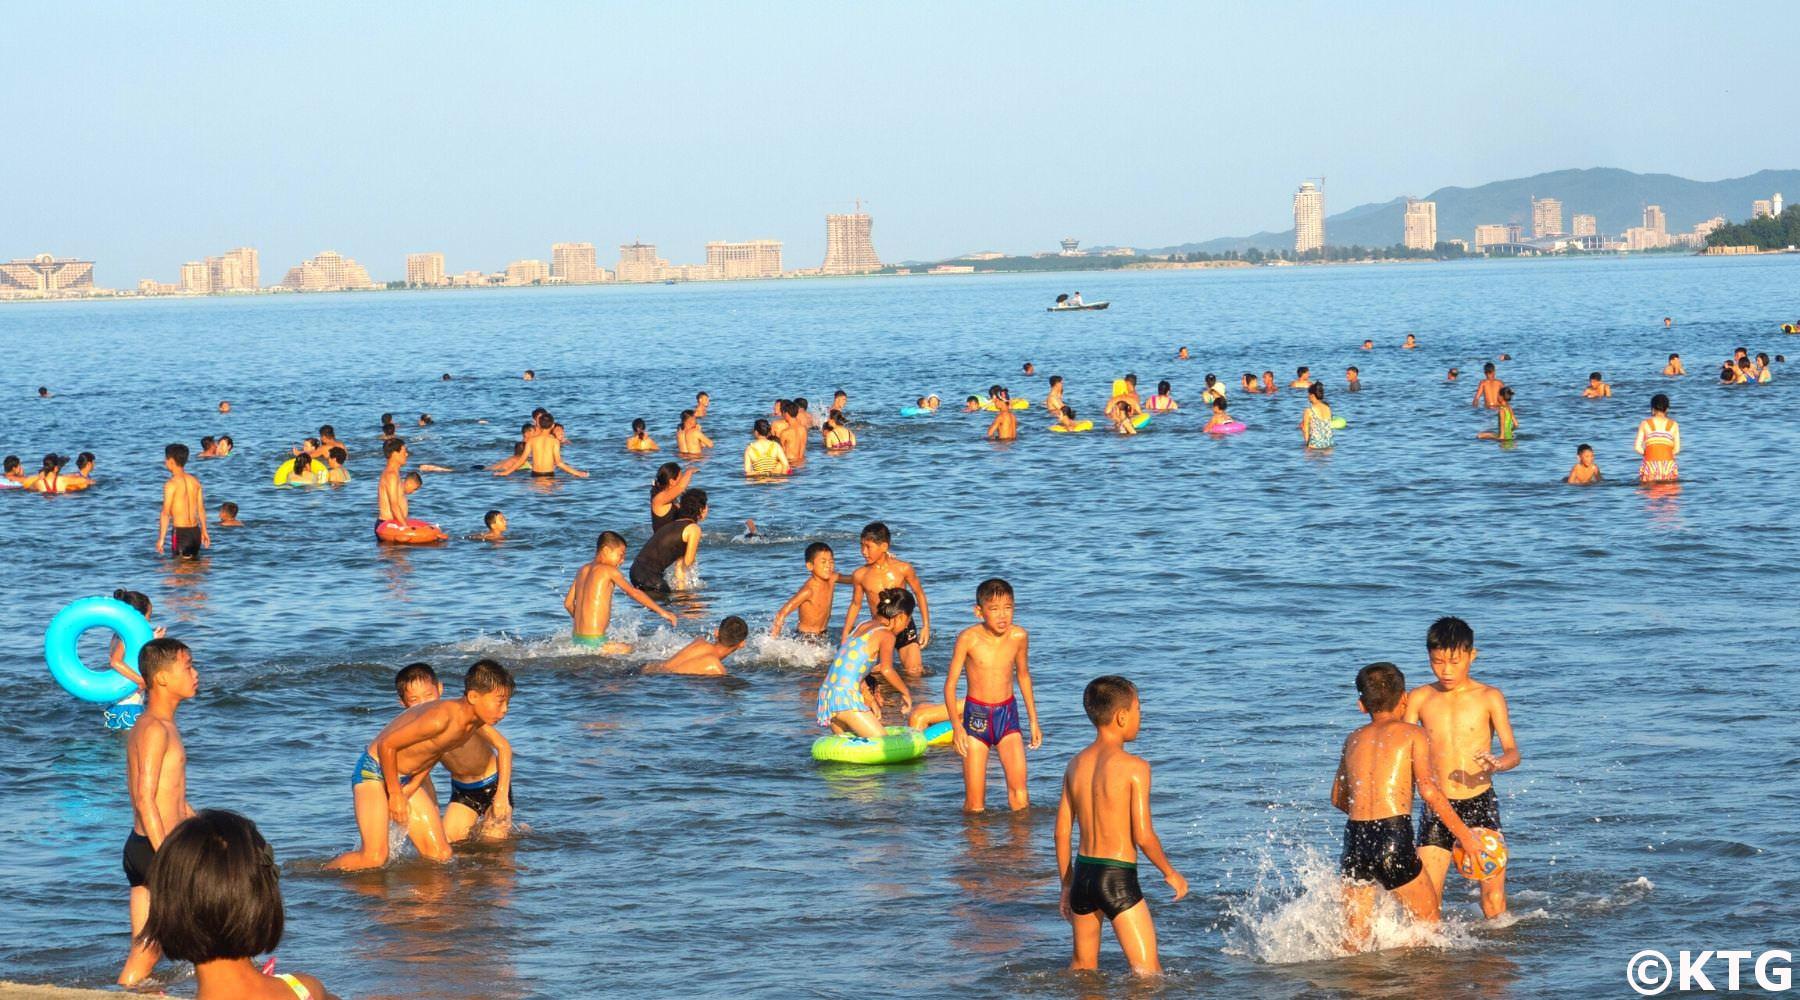 Niños divirtiéndose en la playa en Wonsan en Corea del Norte (RPDC). Puede ver el preyecto Wonsan-Kalma en el fondo de la imagen. Viaje organizado por KTG Tours